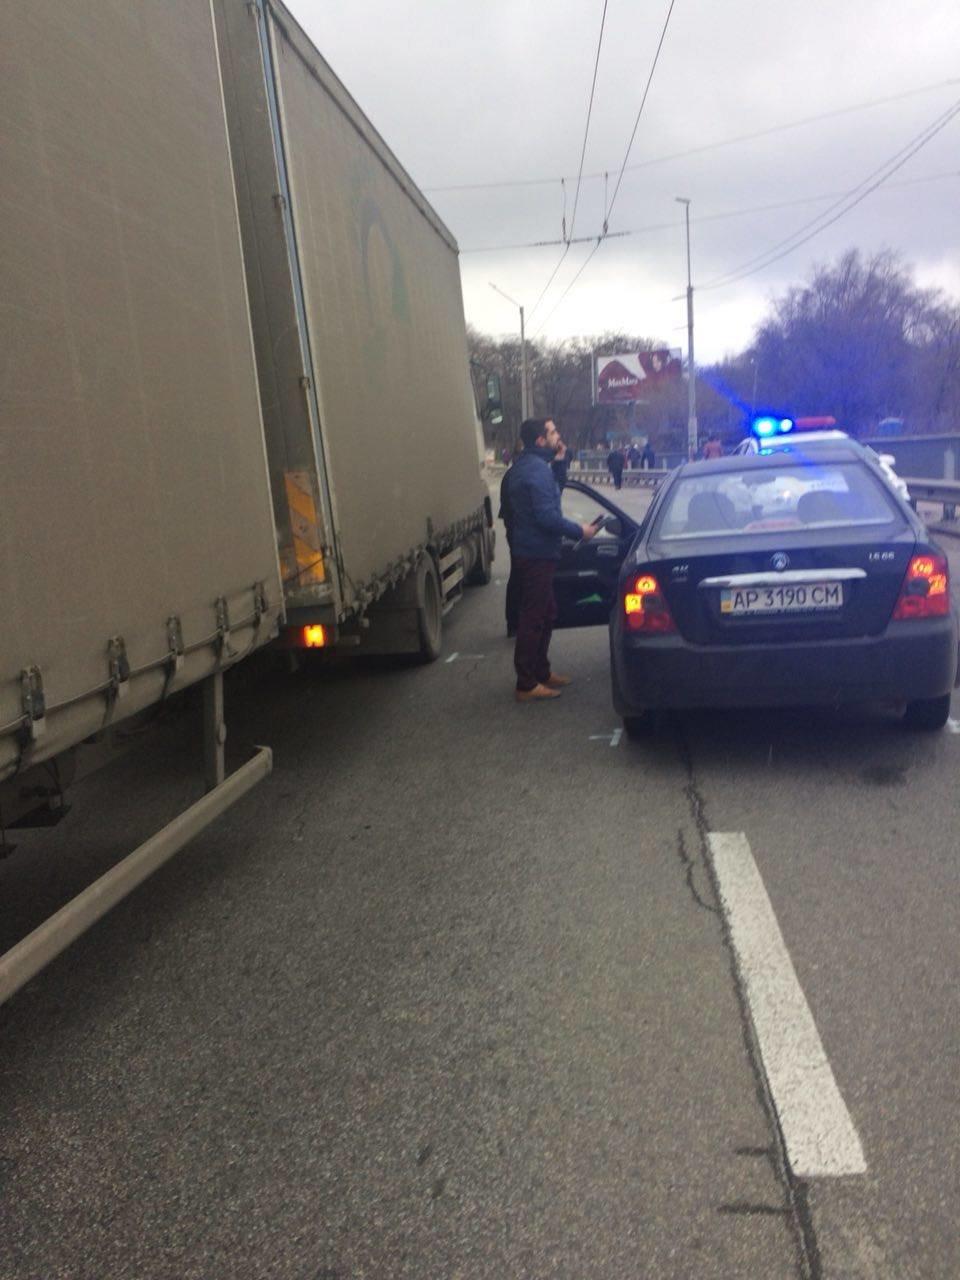 Утром на ДнепроГЭСе дорогу не поделили грузовик и легковушка, - ФОТО, фото-2